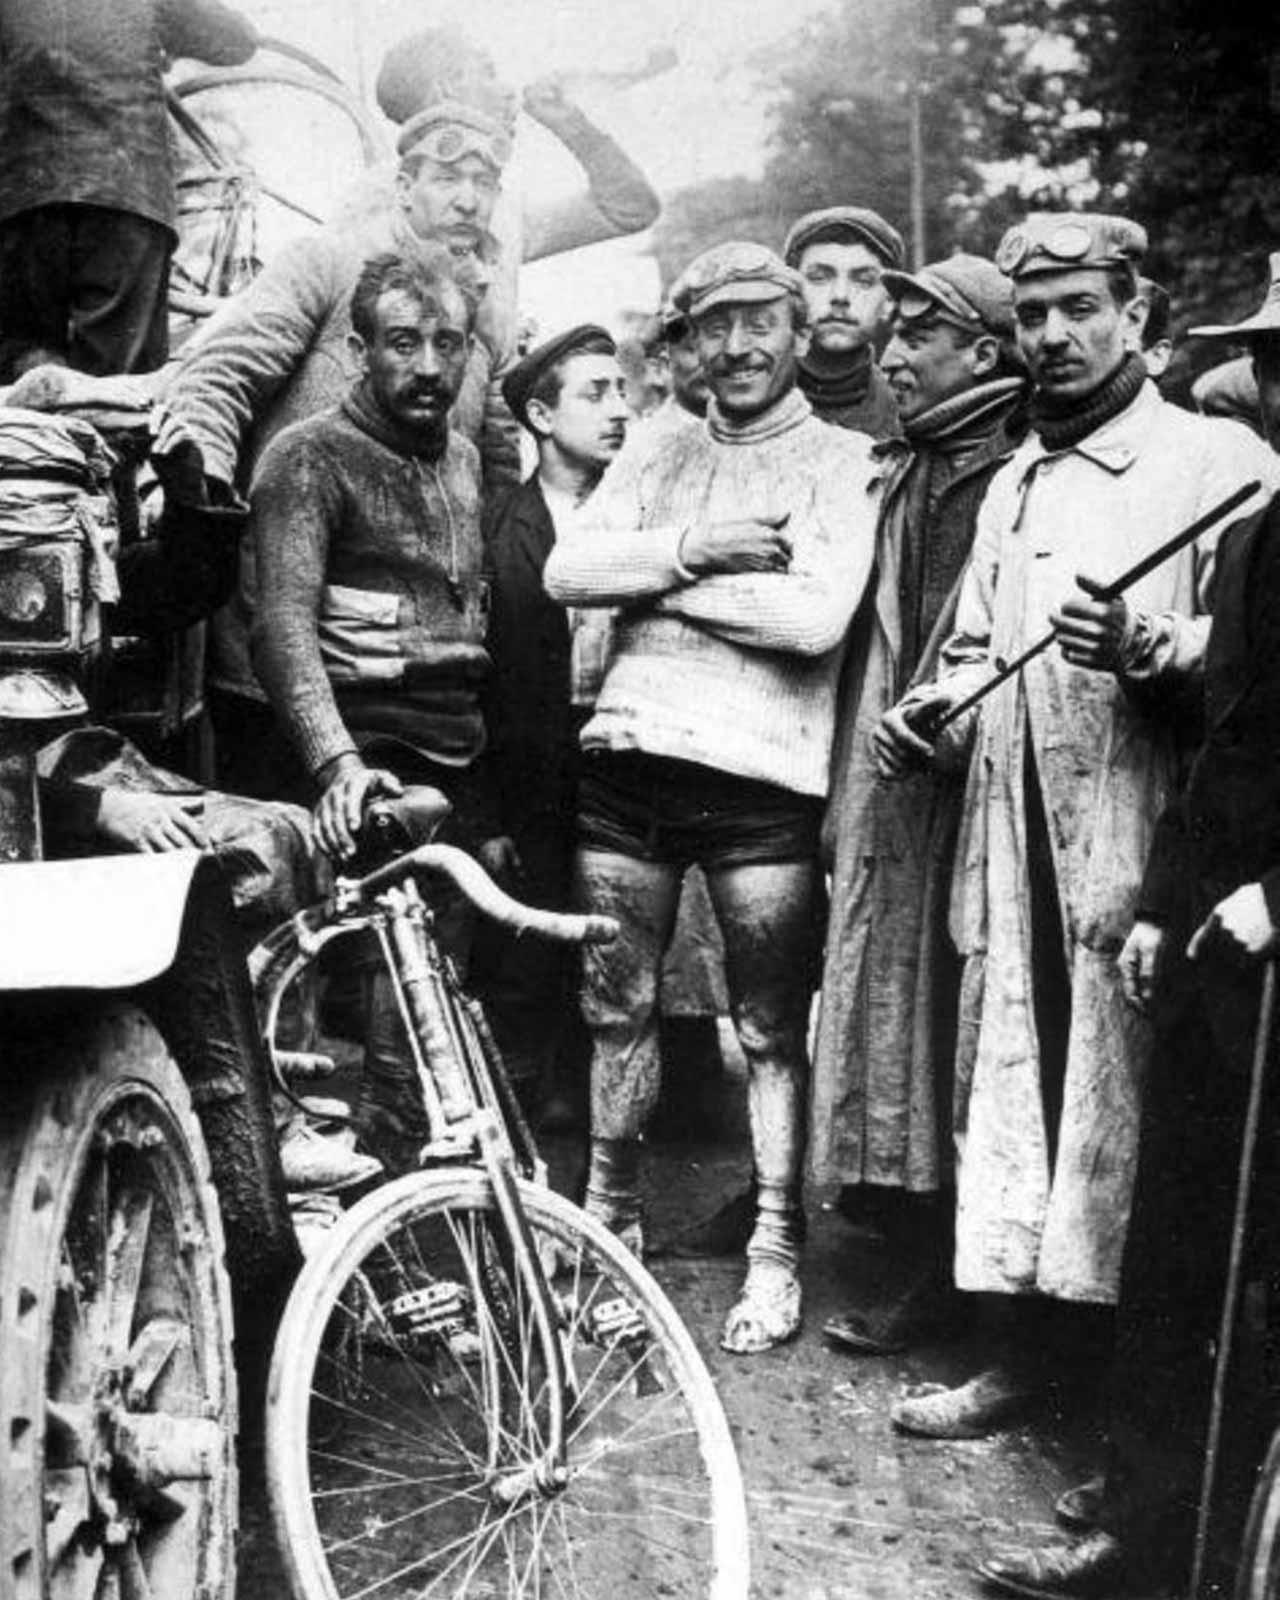 Моріс Гарен (у центрі в білому светрі) після перемоги на шостому етапі «Тур де Франс», Париж, 19 липня 1903 року © Nationaal Archief of the Netherlands